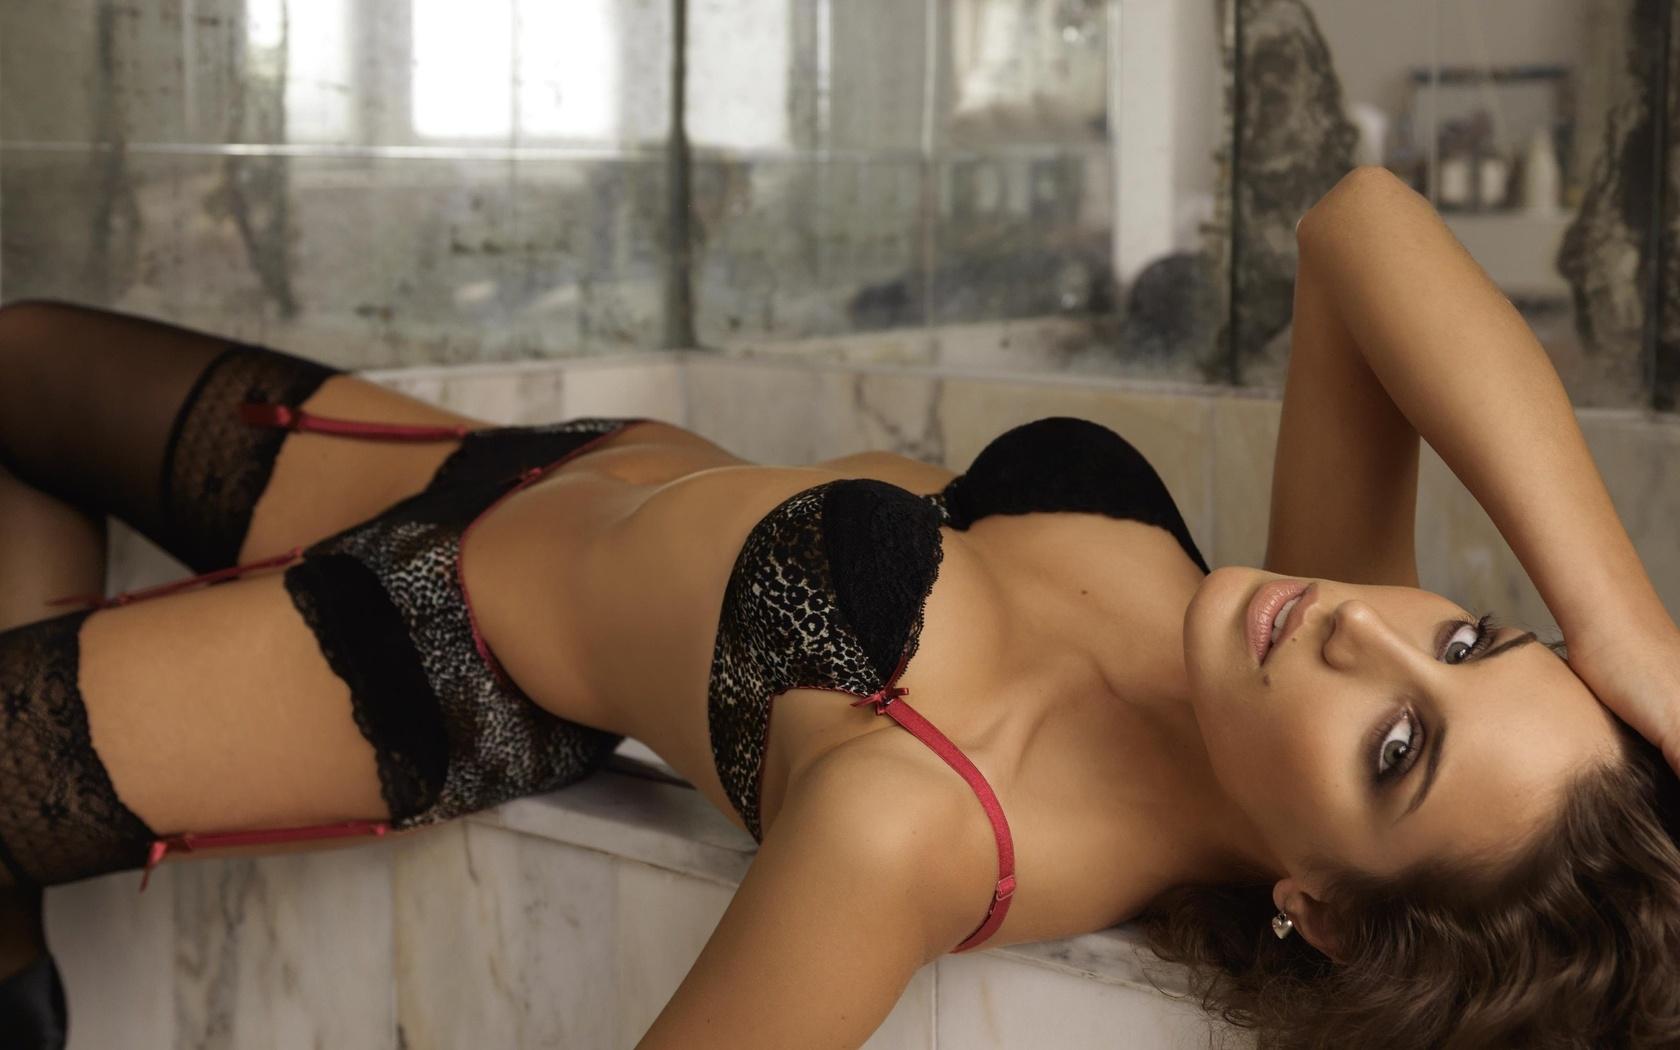 Секс красотки в белье, Красотки Женское белье Видео по категории и тэгу 25 фотография